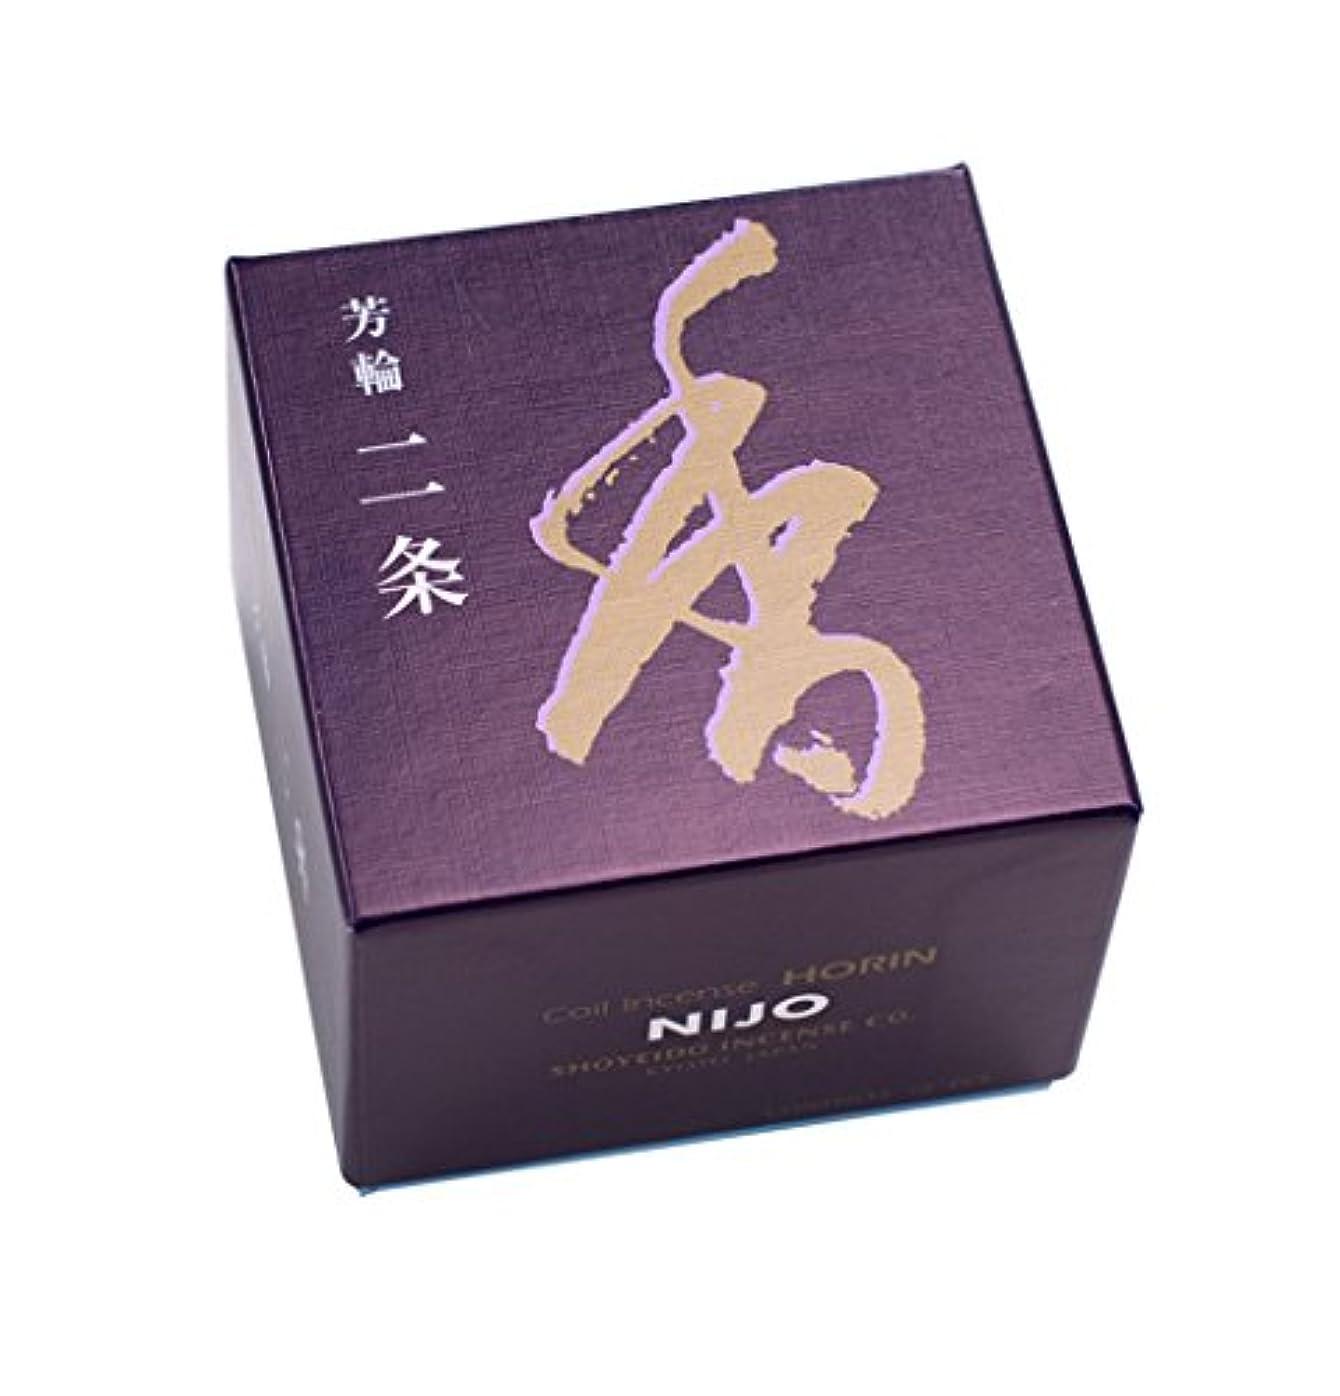 松栄堂のお香 芳輪二条 渦巻型10枚入 うてな角型付 #210121